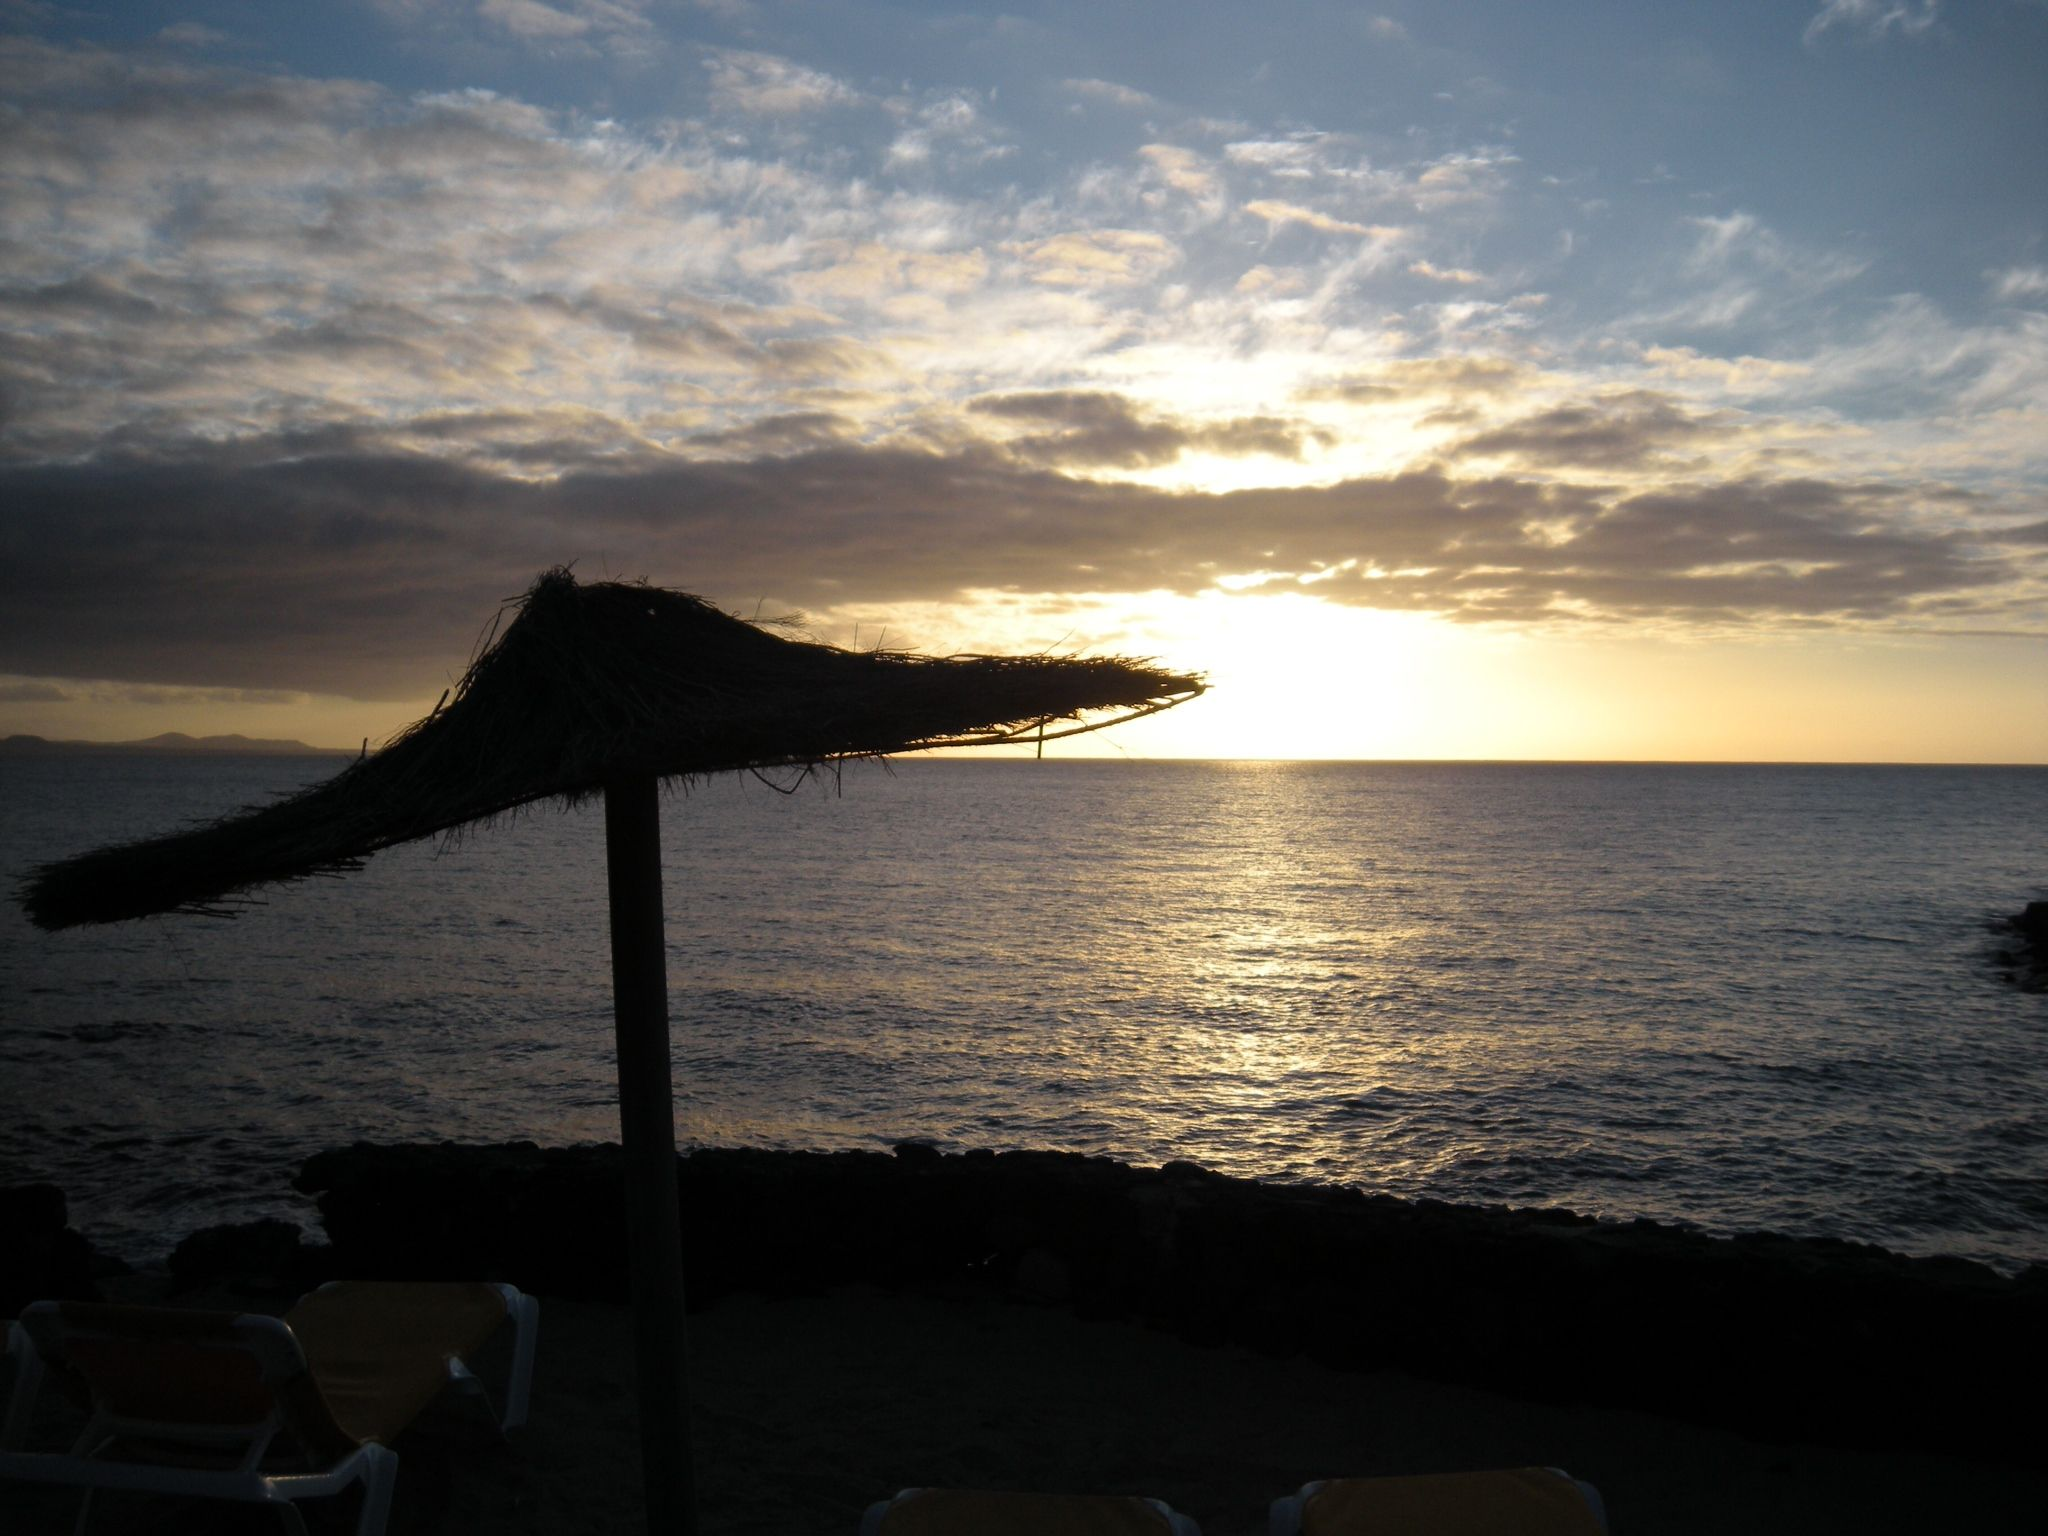 Puesta de sol. Enero 2013